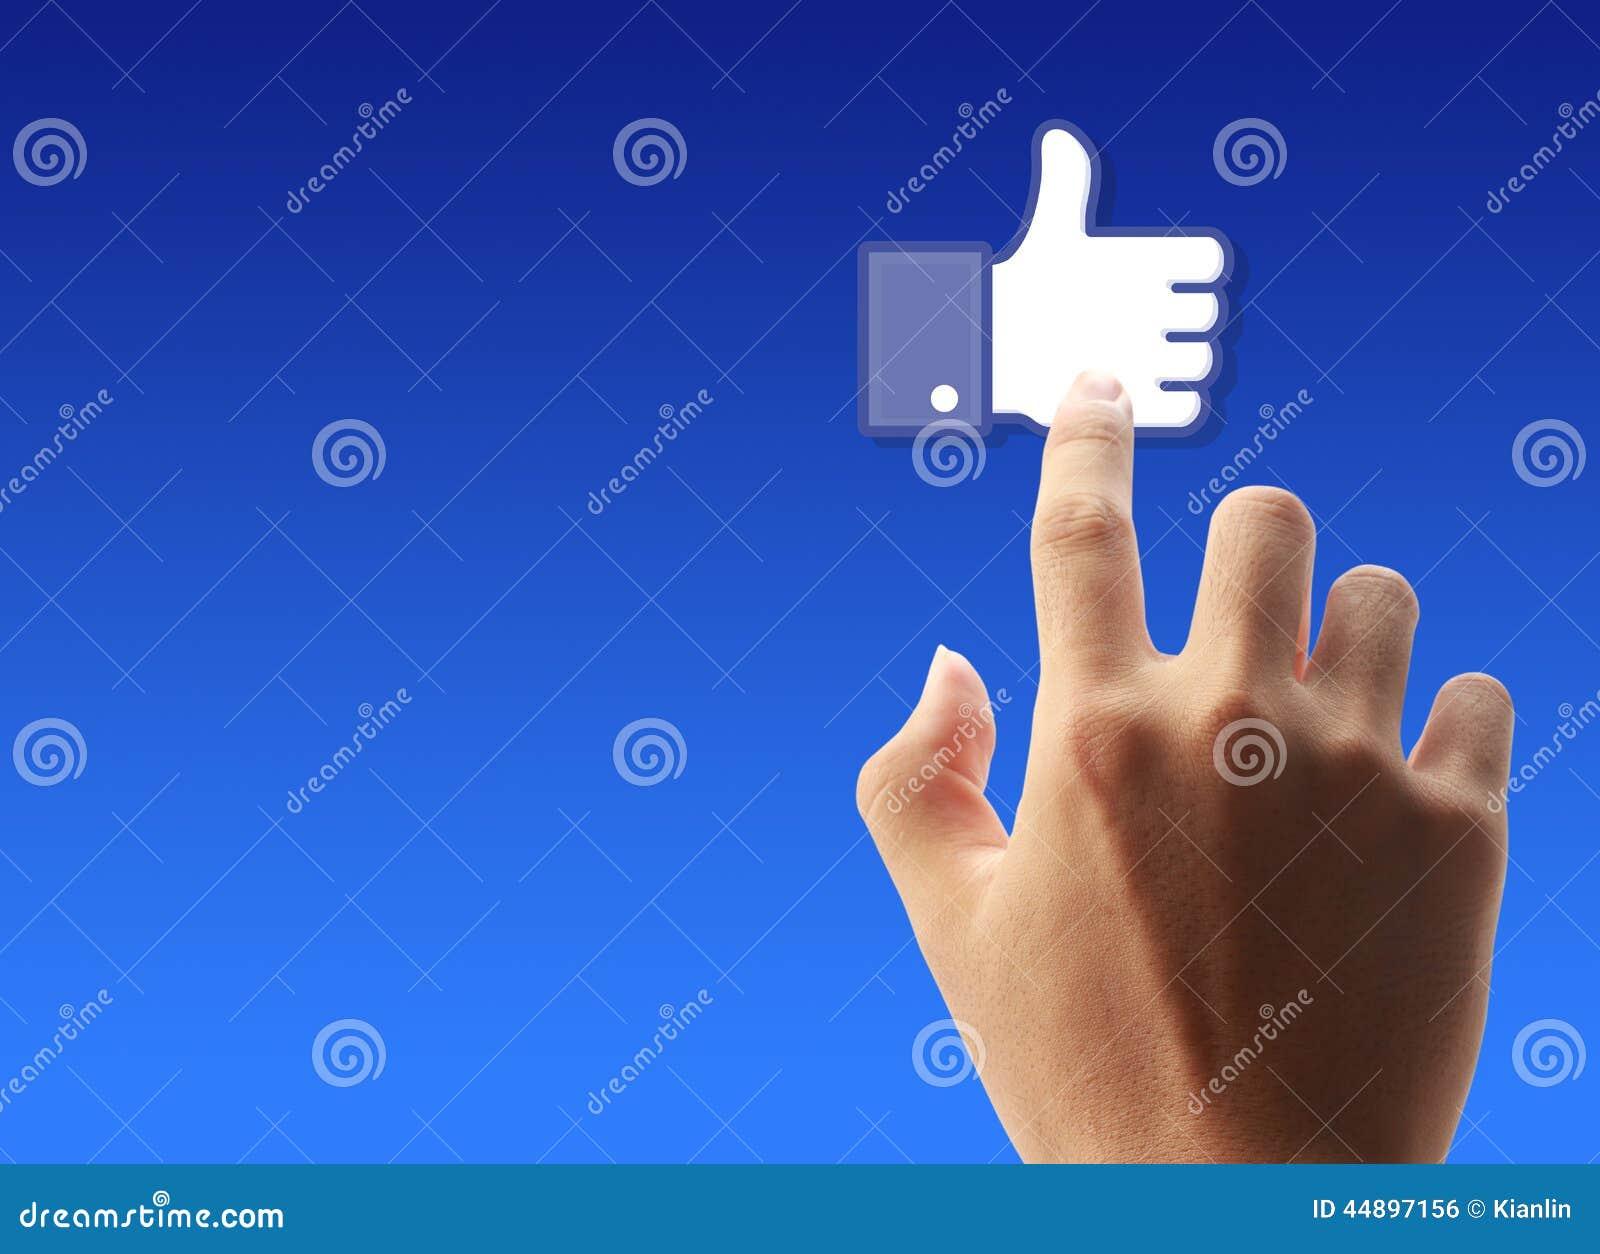 Отожмите Facebook как кнопка